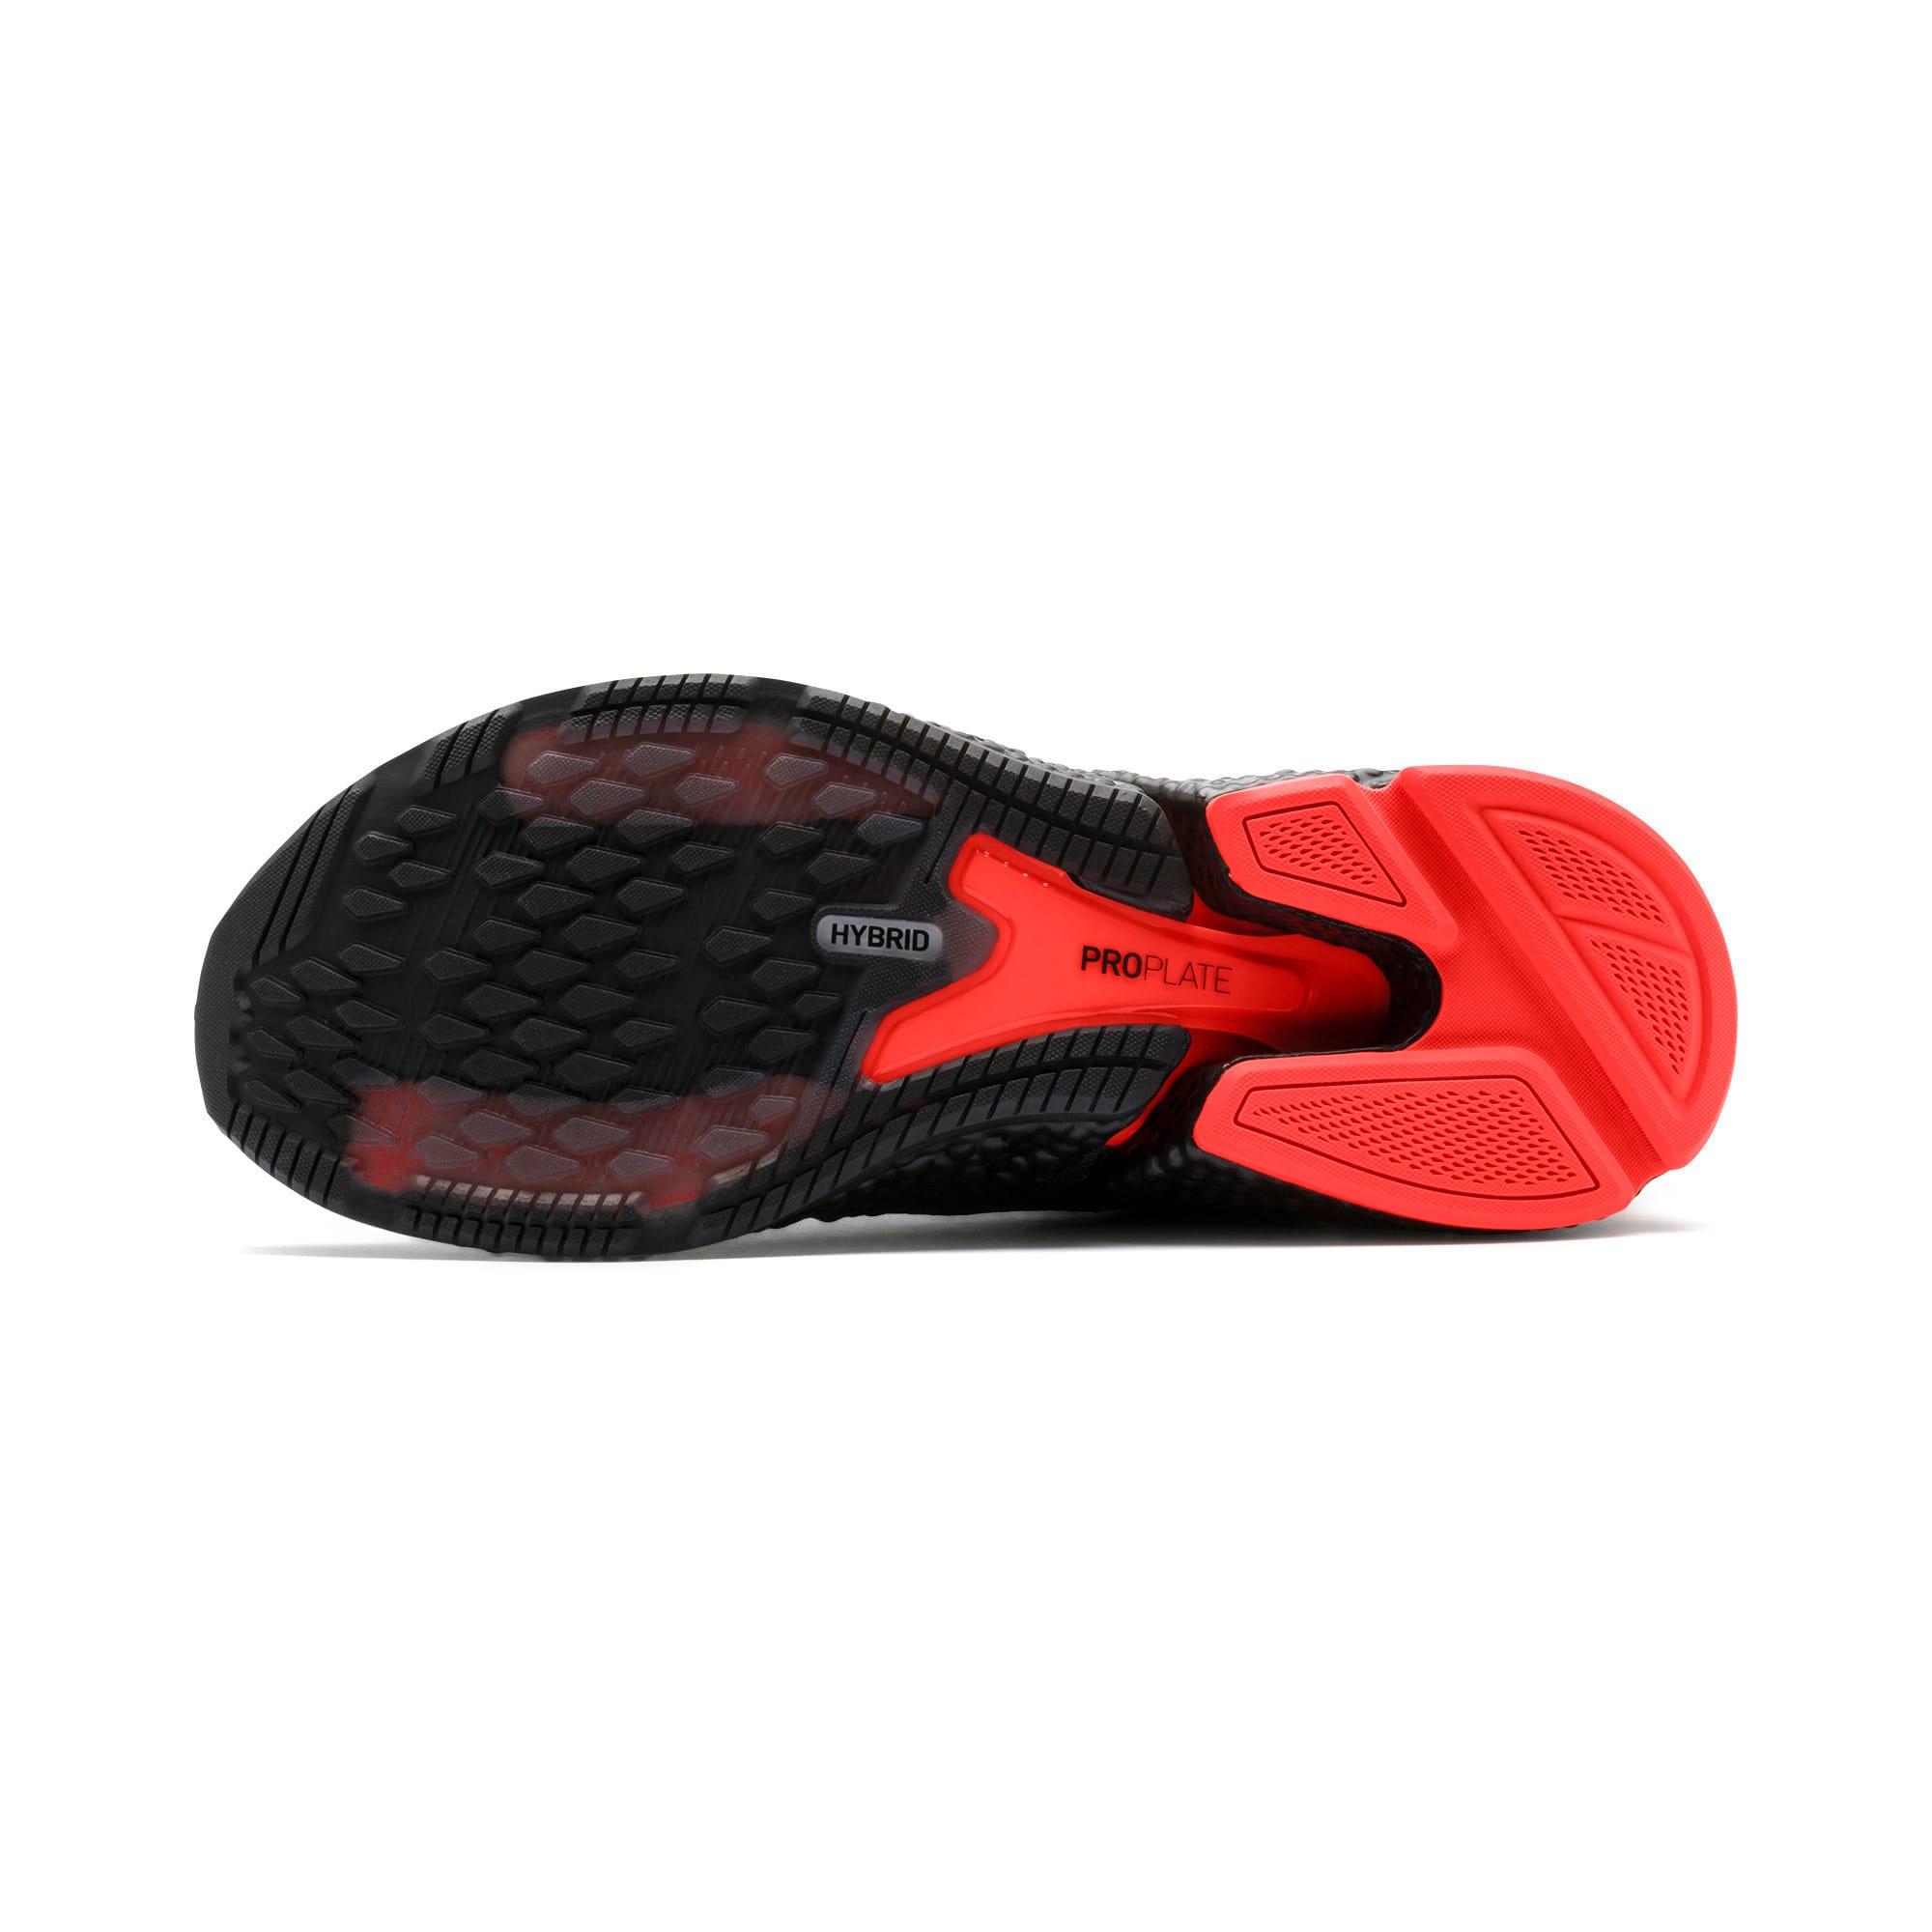 Thumbnail 5 of HYBRID SPEED Orbiter Men's Running Shoes, Black-Nrgy Red-Yellow, medium